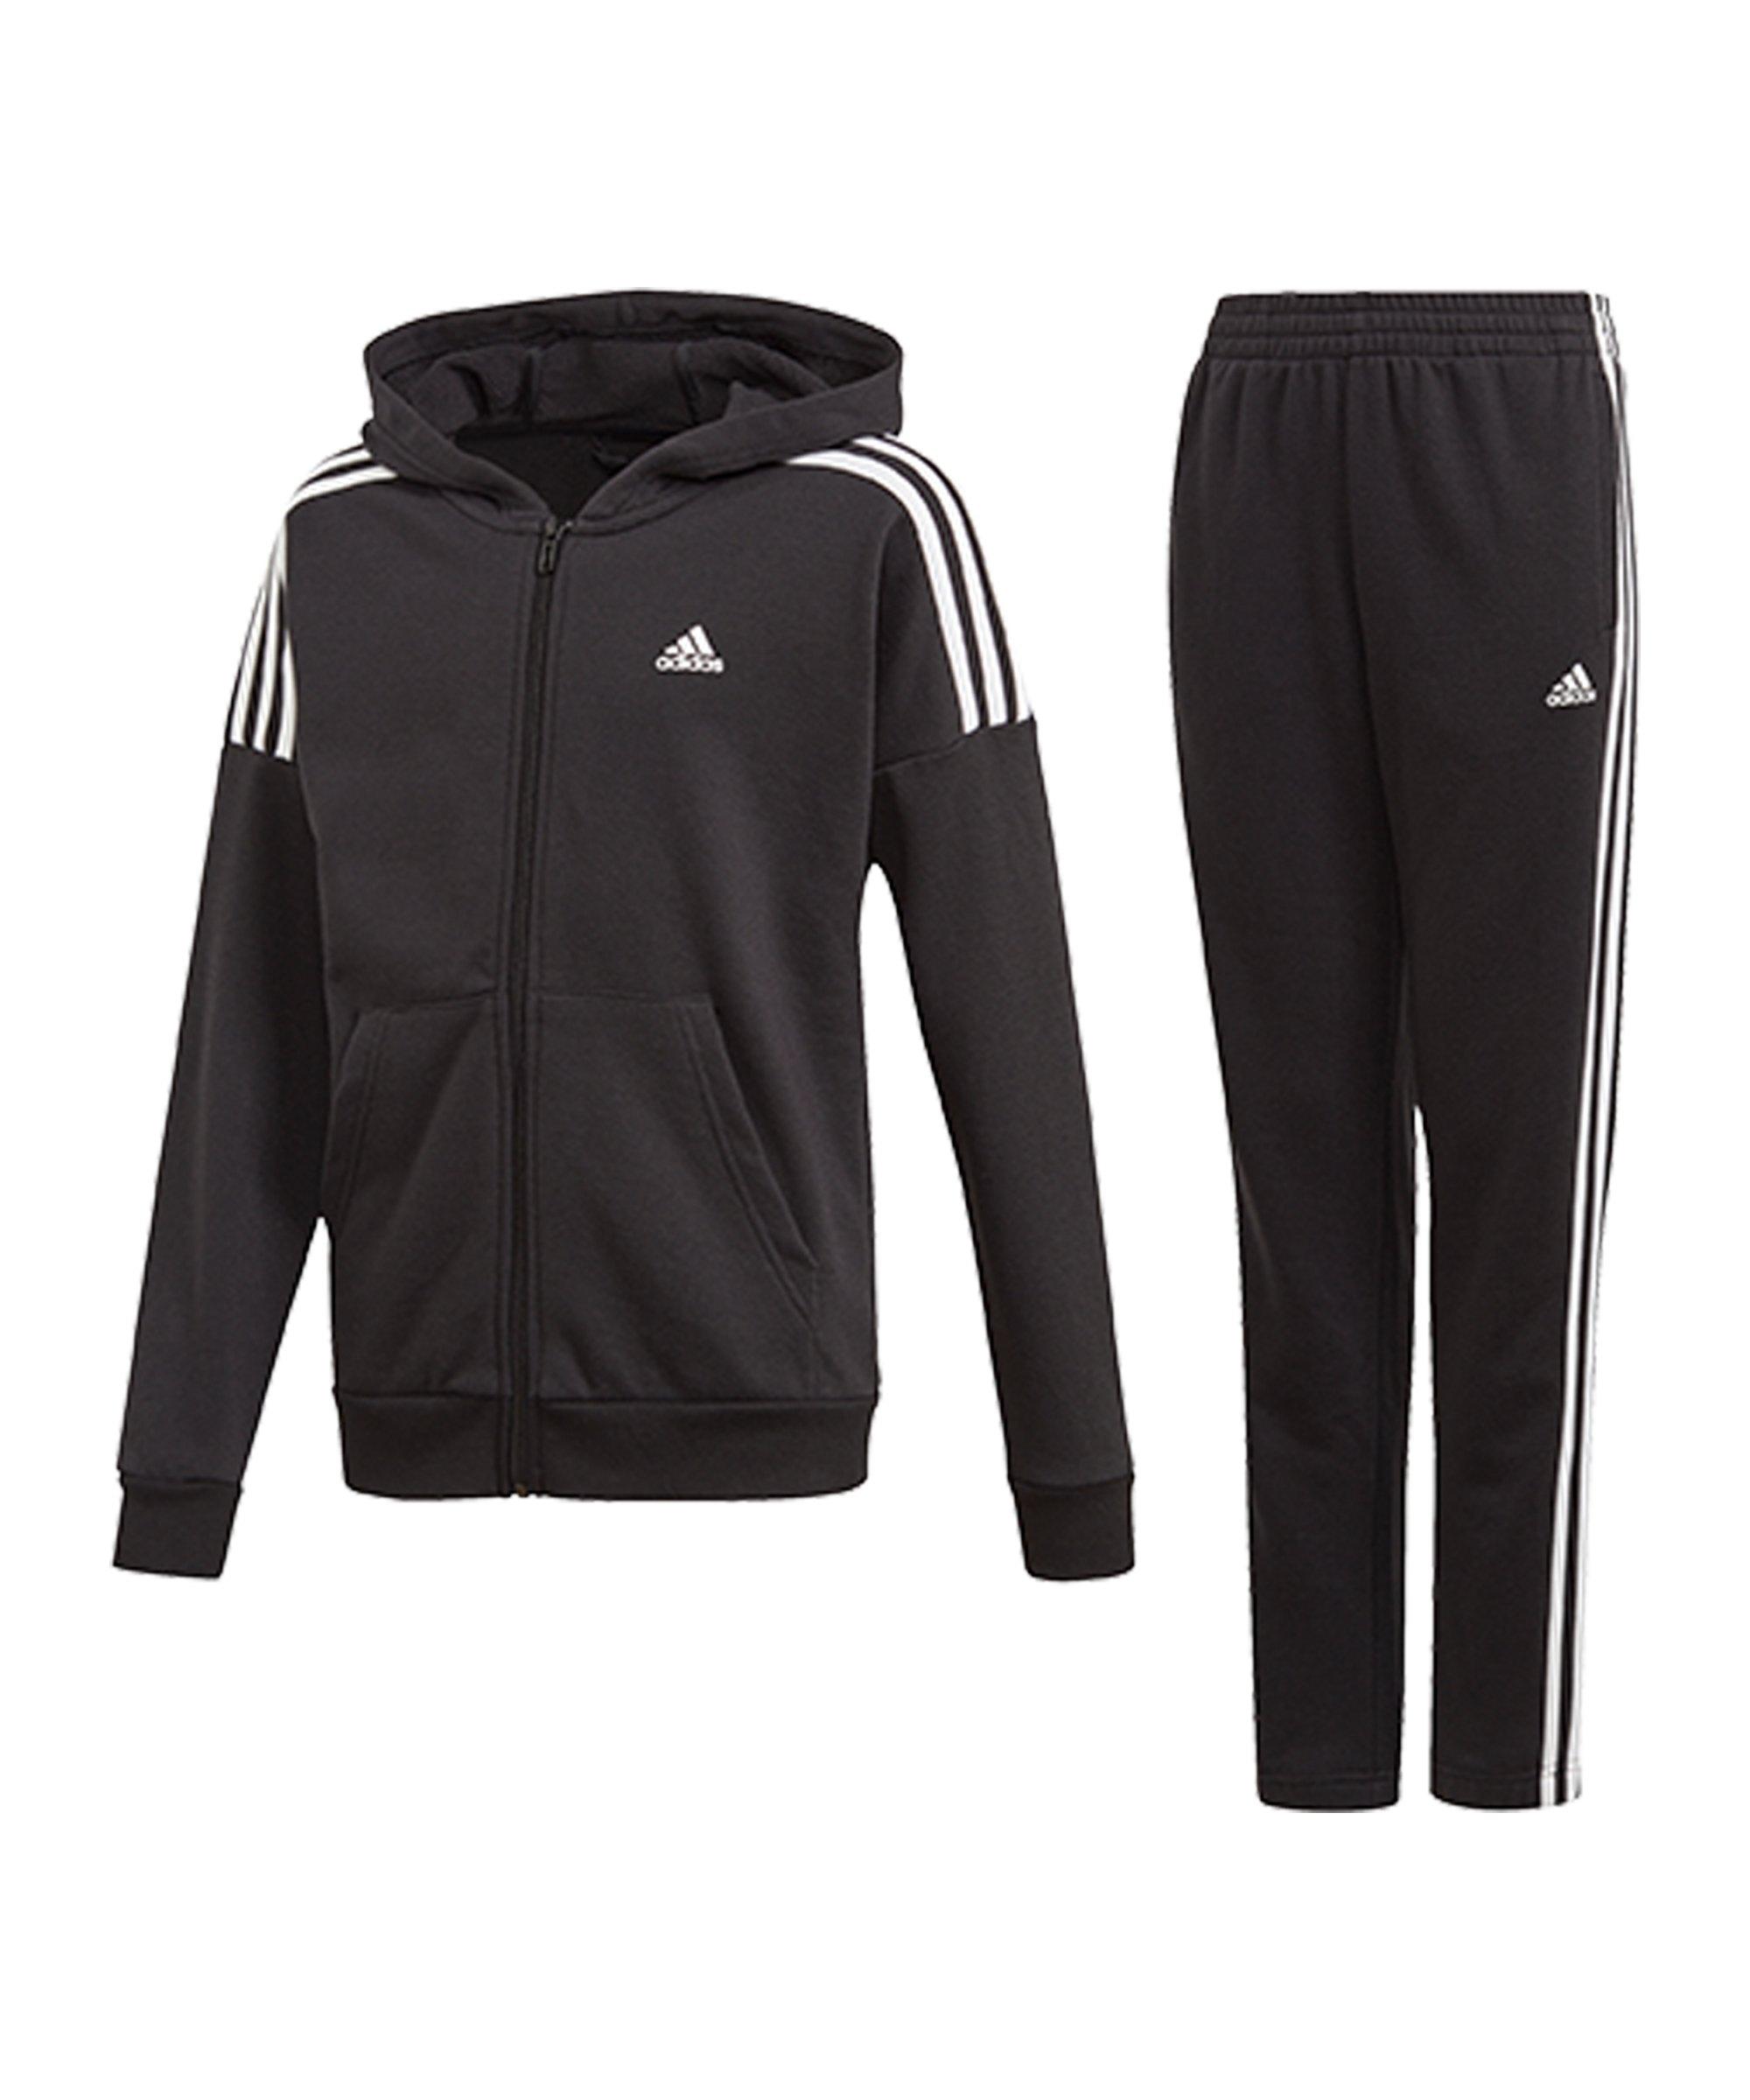 adidas Trainingsanzug Kids Schwarz Weiss - schwarz